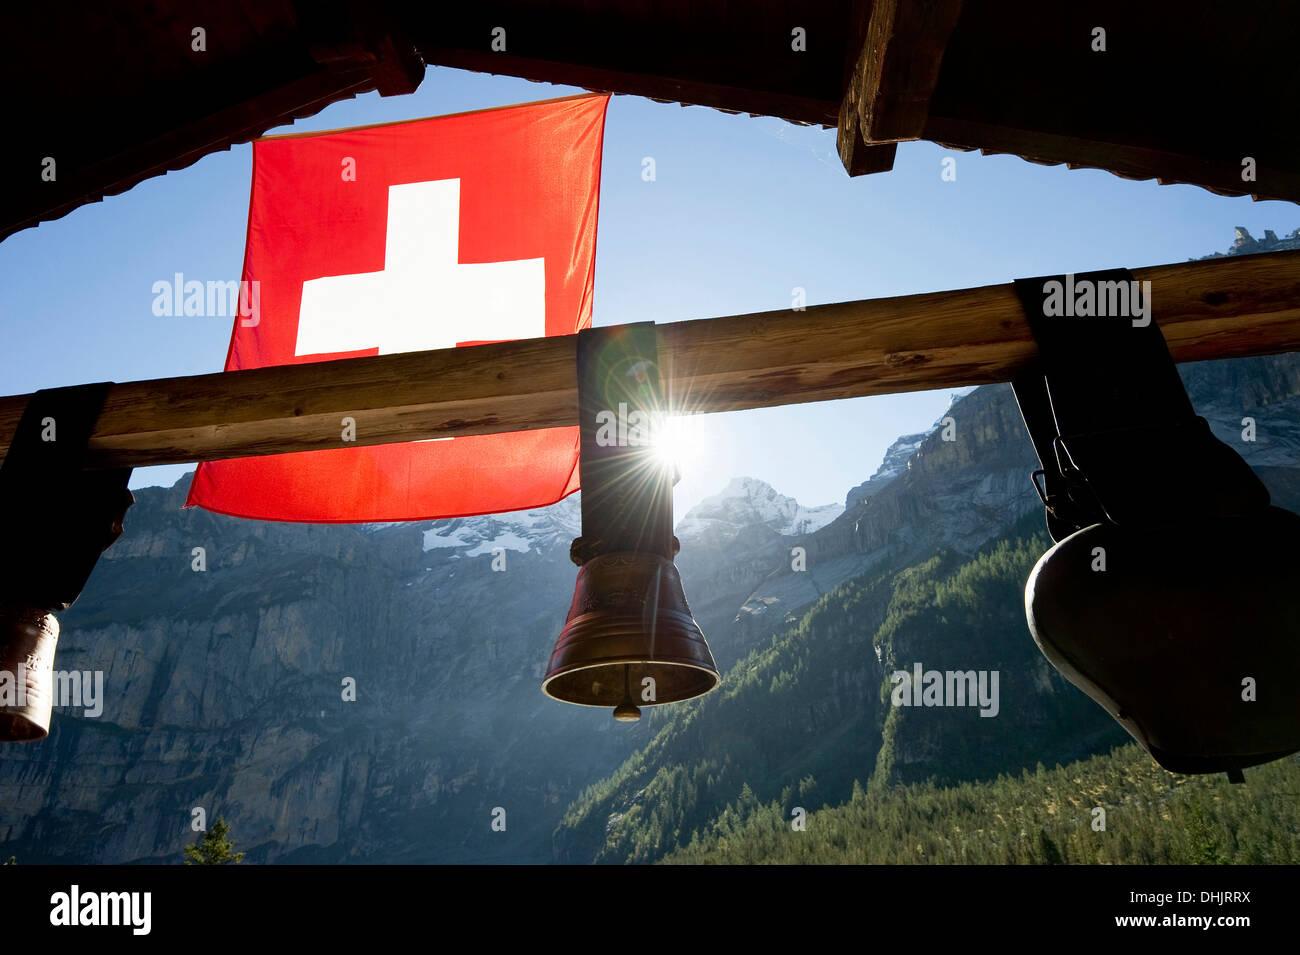 Bandera suiza y cencerros en el lago Oeschinensee, Kandersteg, en el Oberland Bernés, Cantón de Berna, Suiza, Europa Foto de stock